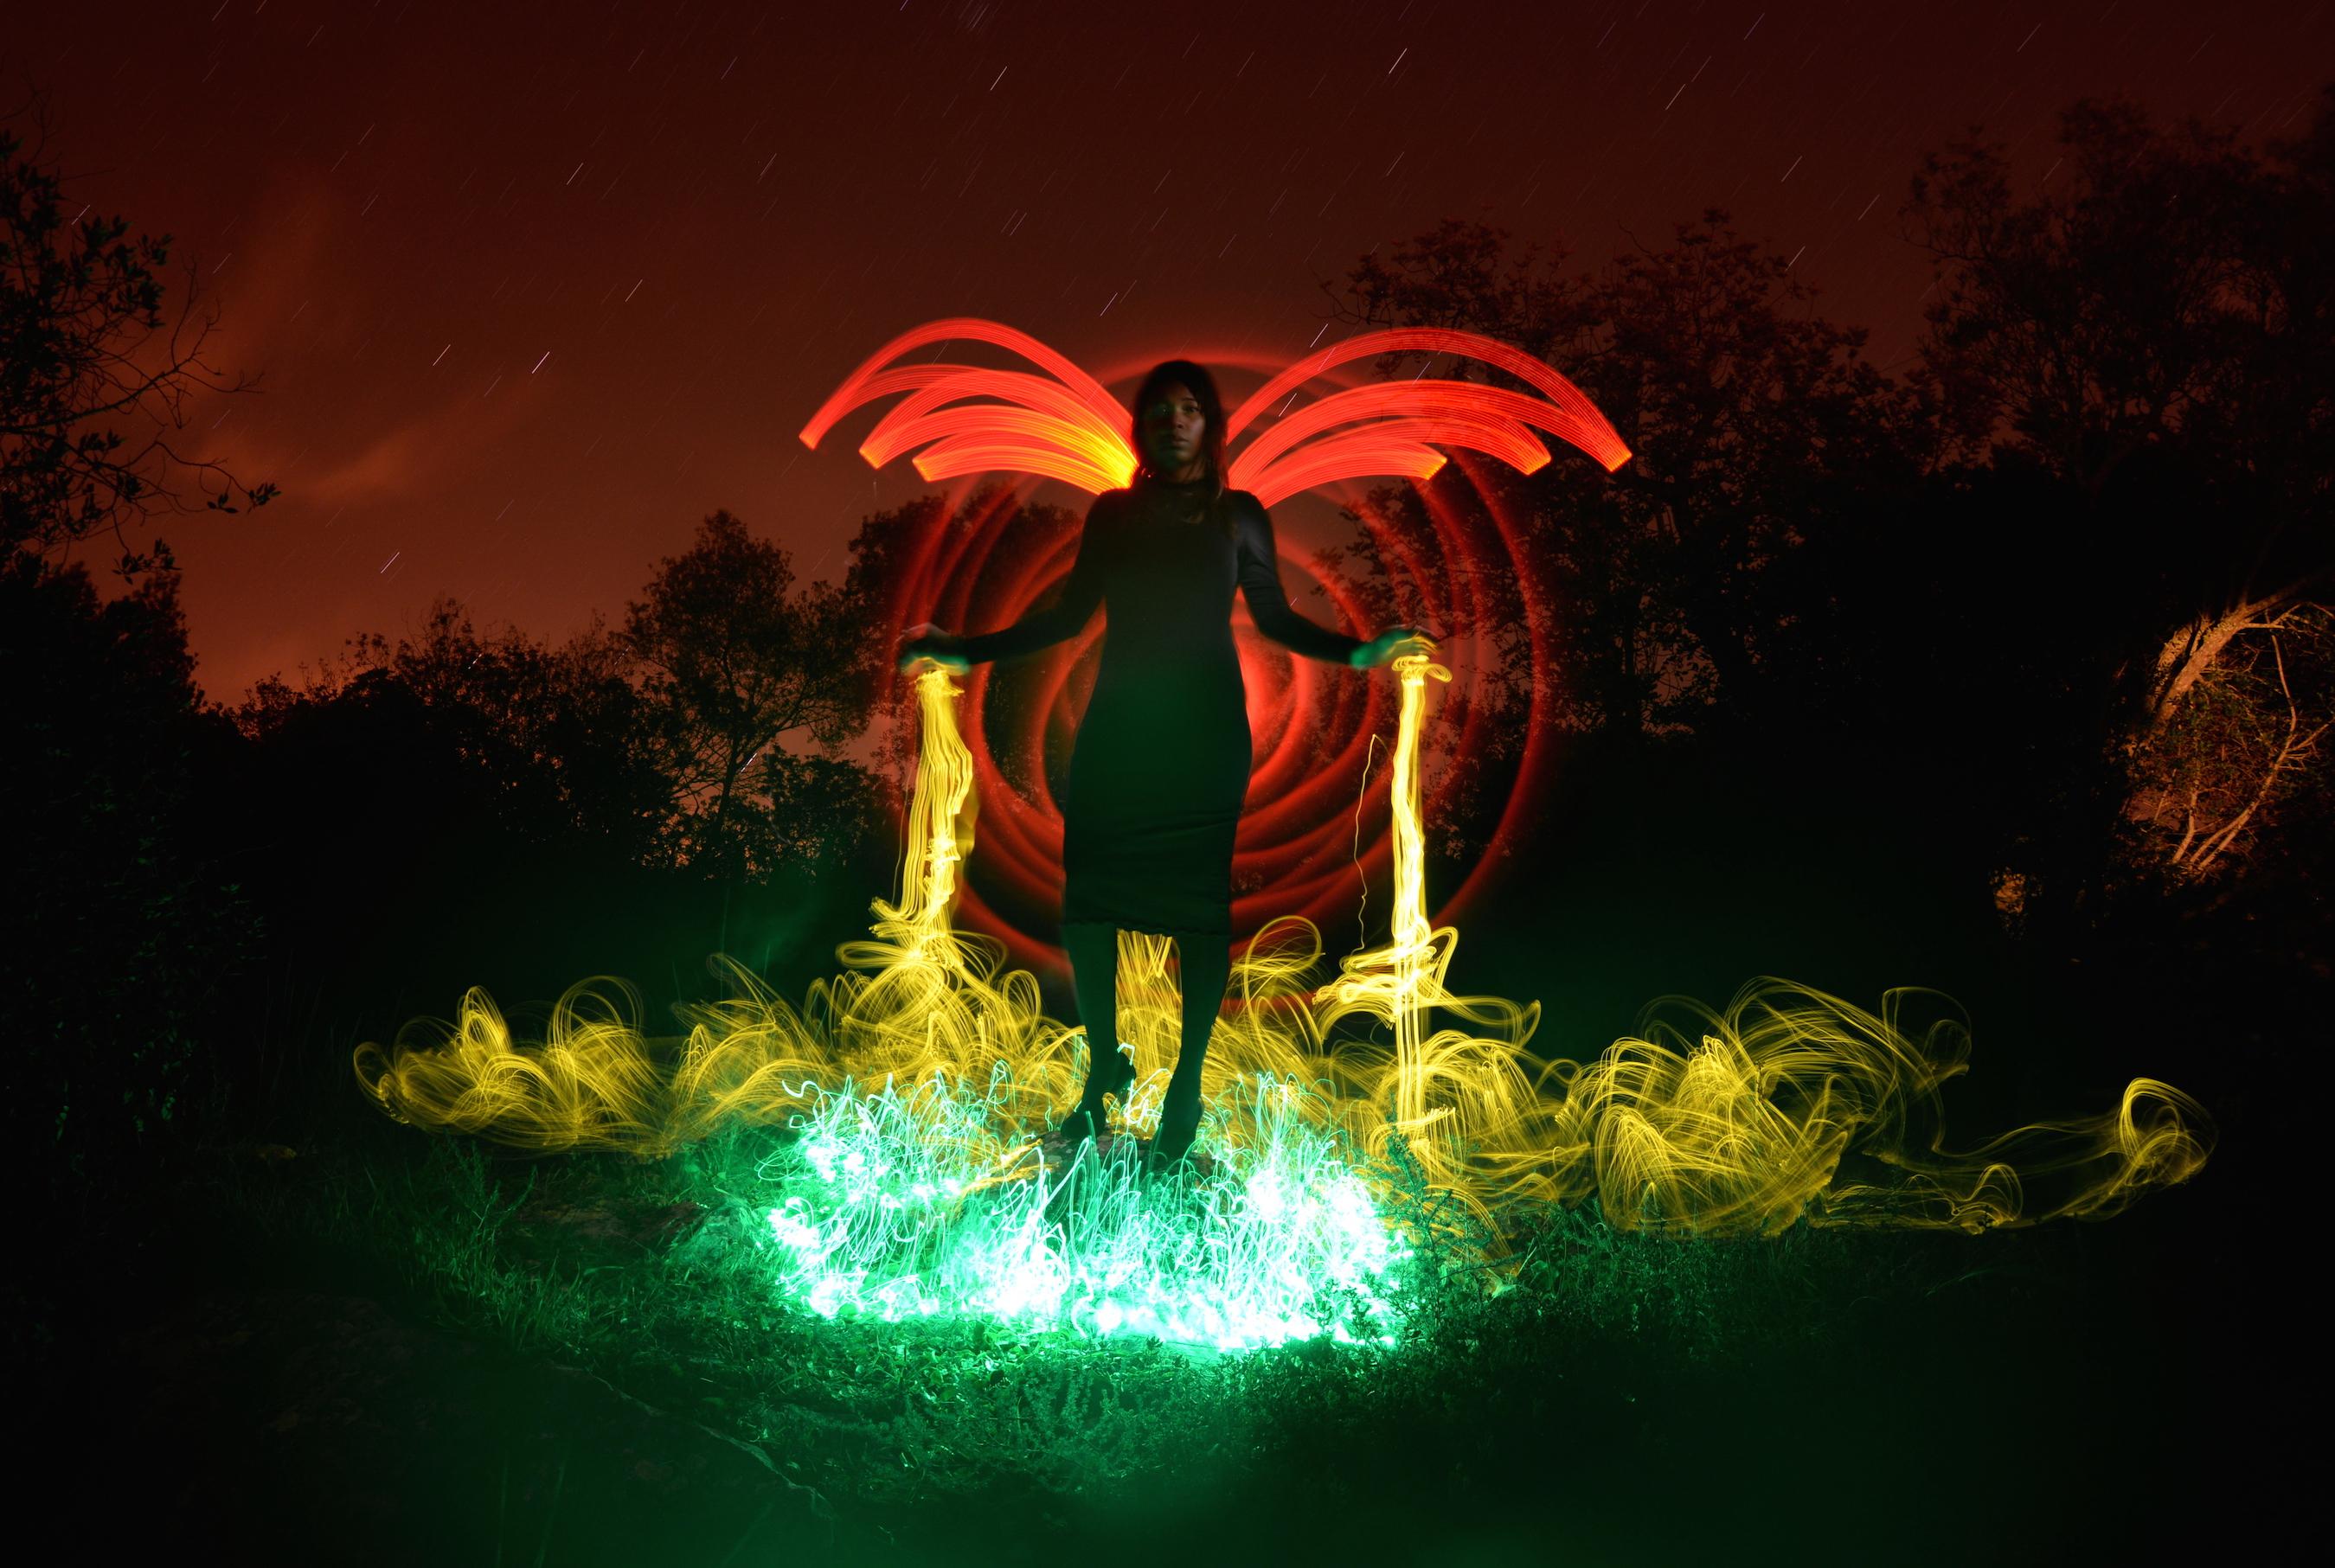 Tamara with wings